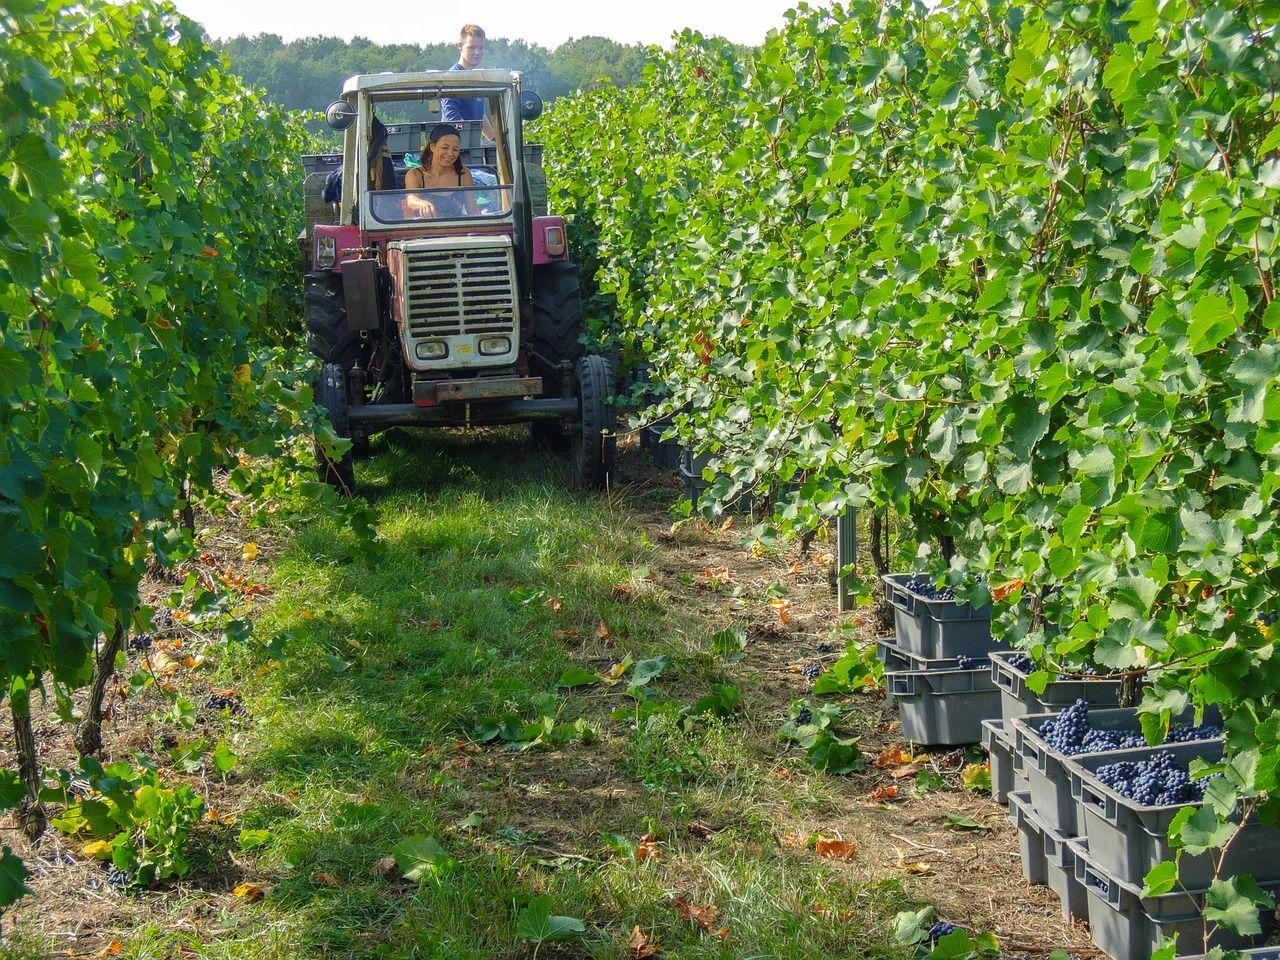 Une femme conduisant un tracteur dans les vignes